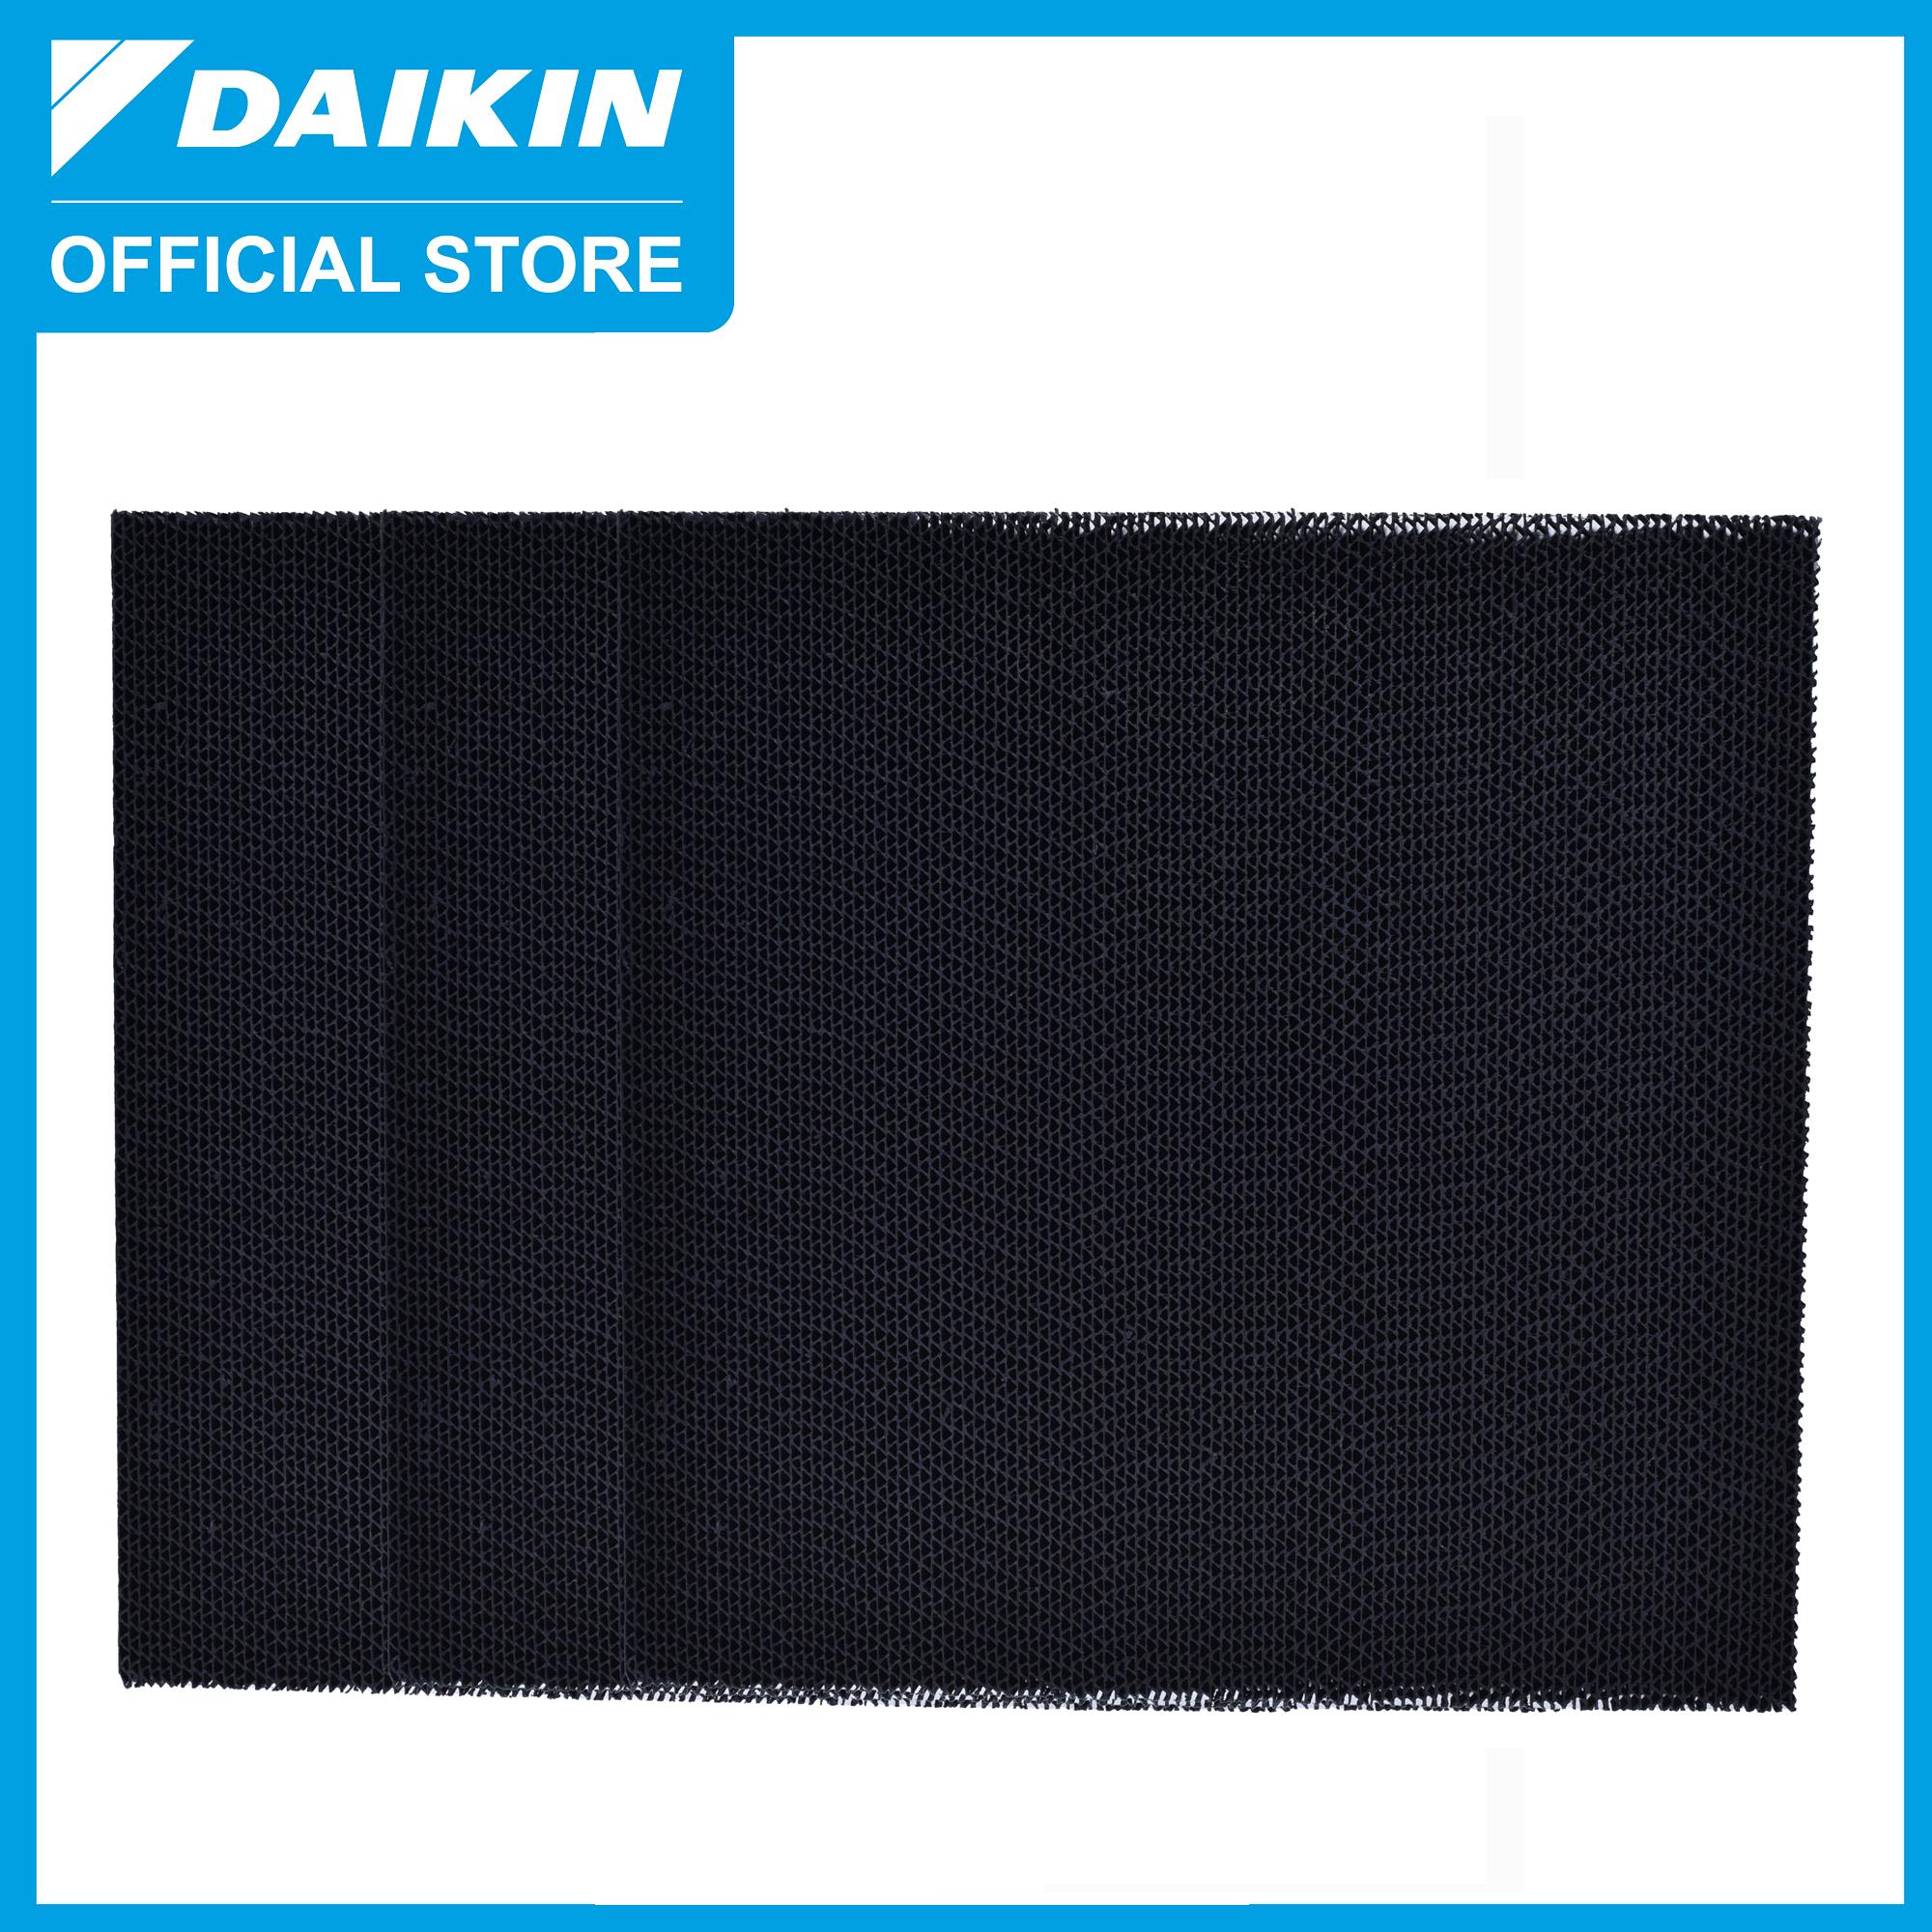 Phin lọc khử mùi Daikin BADP001AE4 cho model MC30VVM-A